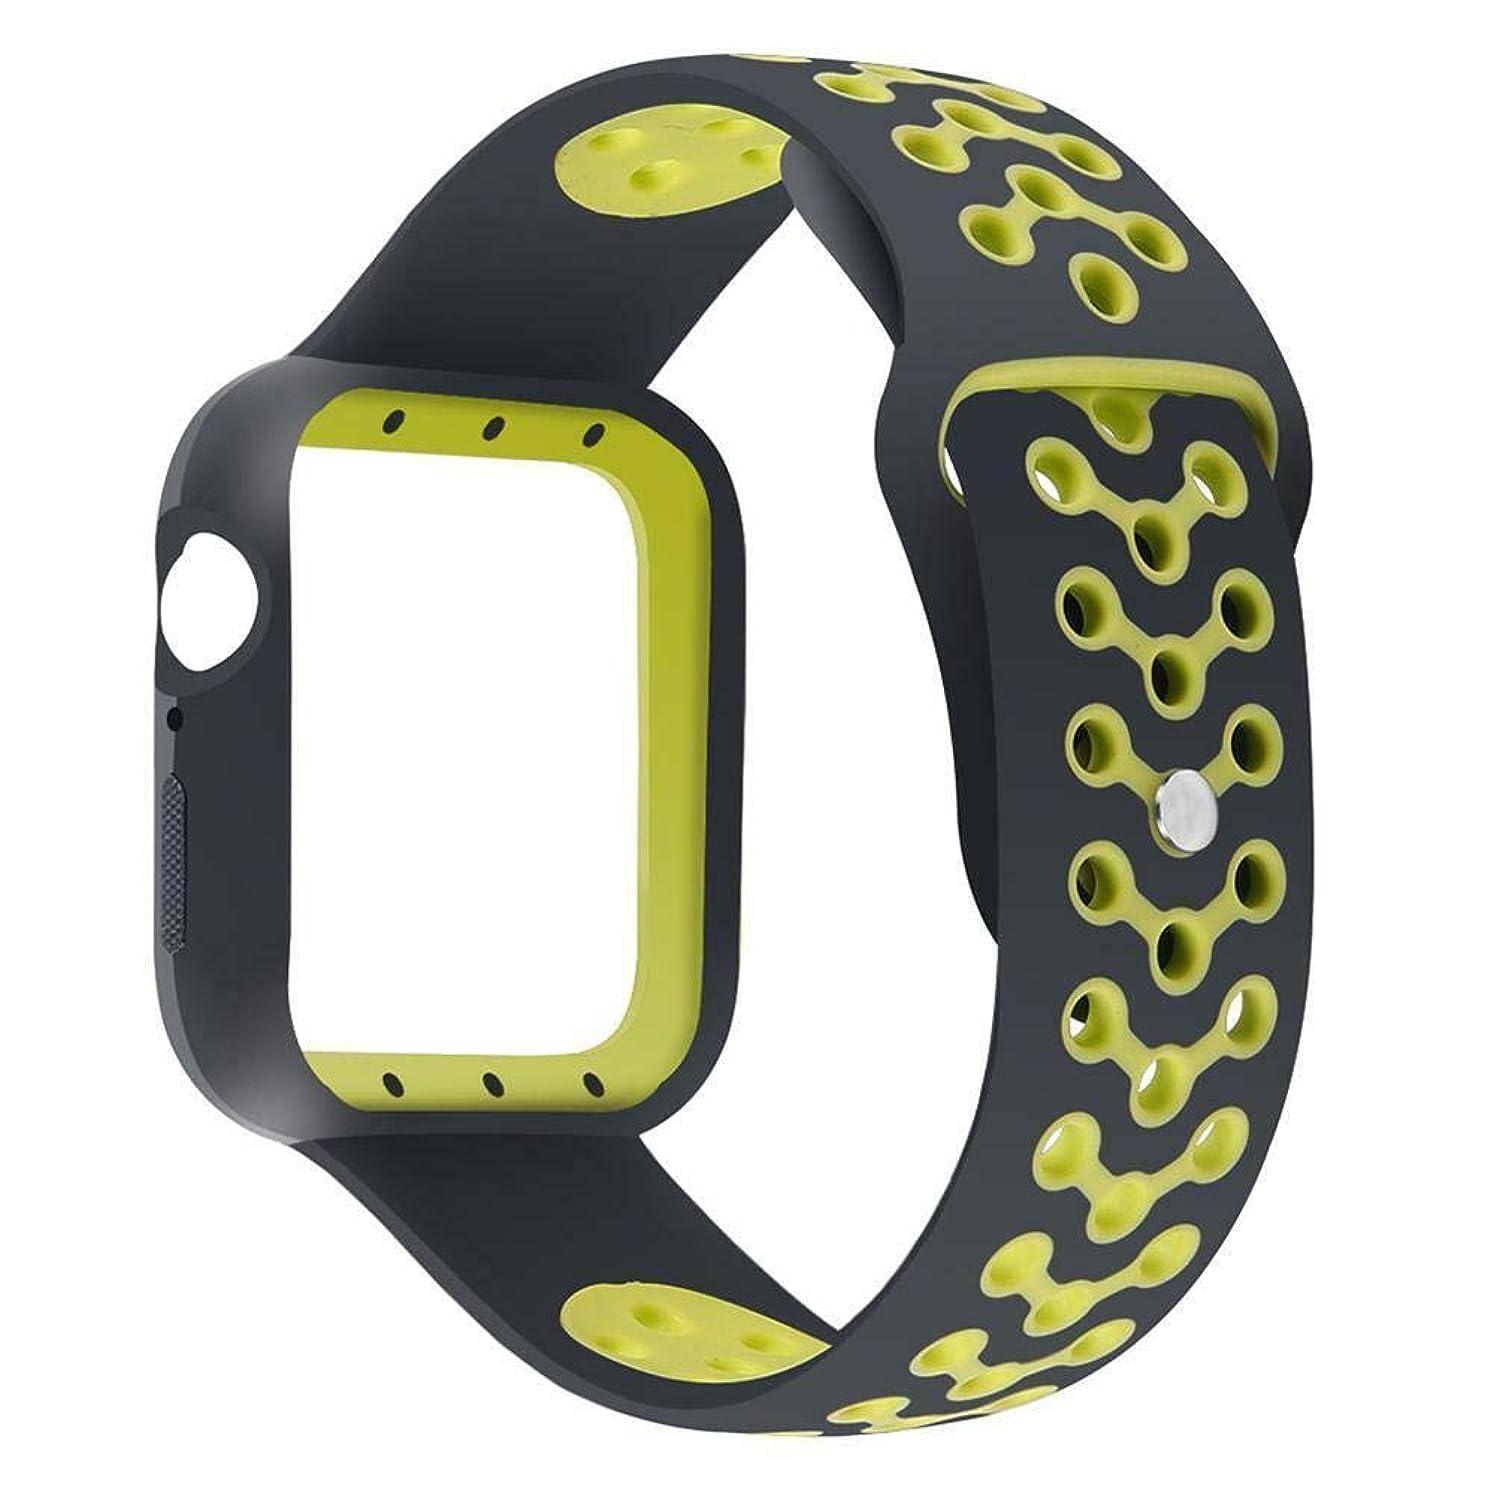 圧倒的何もない笑いFidgetGear Apple Watch iWatch Series 4用のスポーツスマートウォッチバンドブレスレットストラップリストベルト イエロー40mm